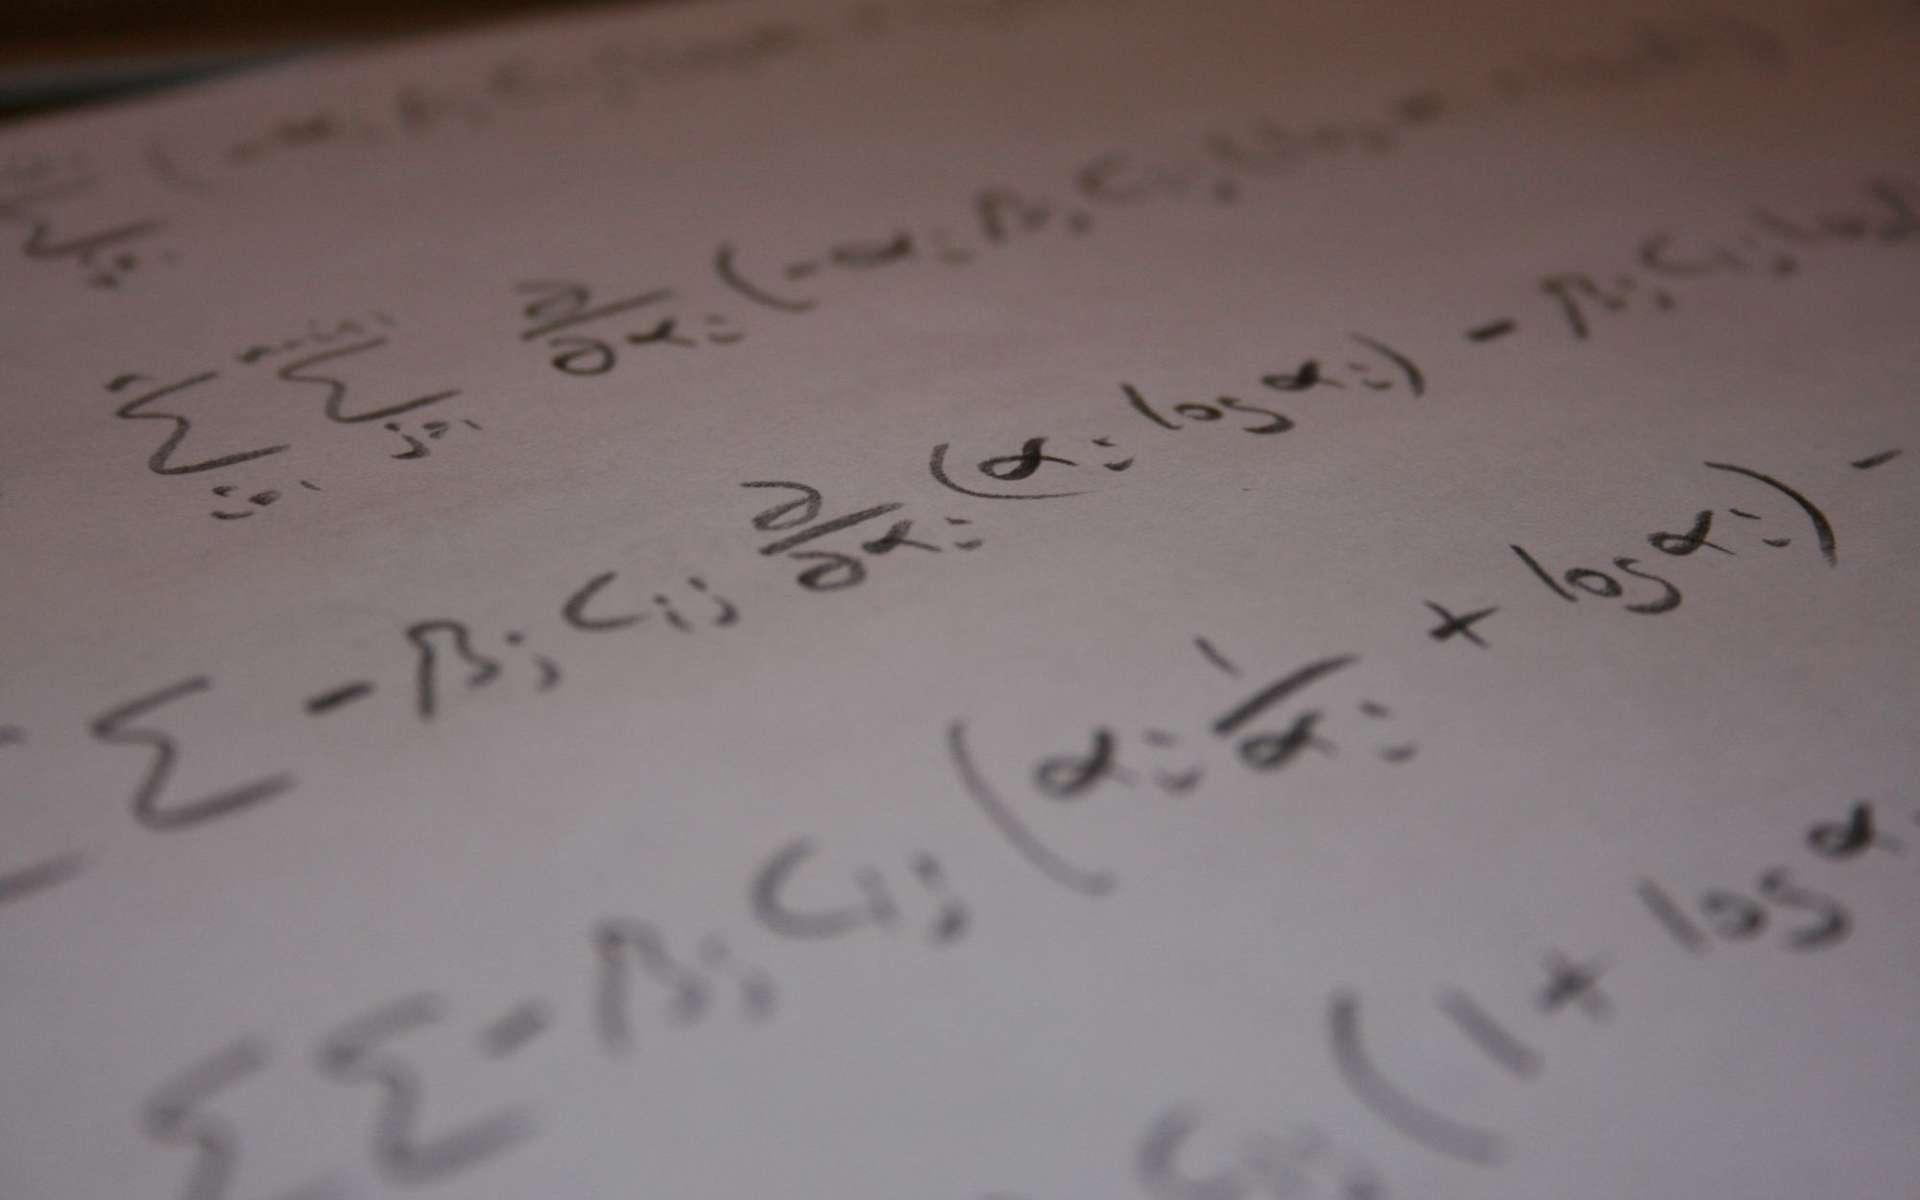 En appliquant des algorithmes mathématiques aux examens biologiques, on devrait peu à peu affiner les méthodes de diagnostics des cancers et favoriser le développement de thérapies plus personnalisées et donc plus efficaces. © Robert Scarth, Fotopedia, cc by sa 2.0